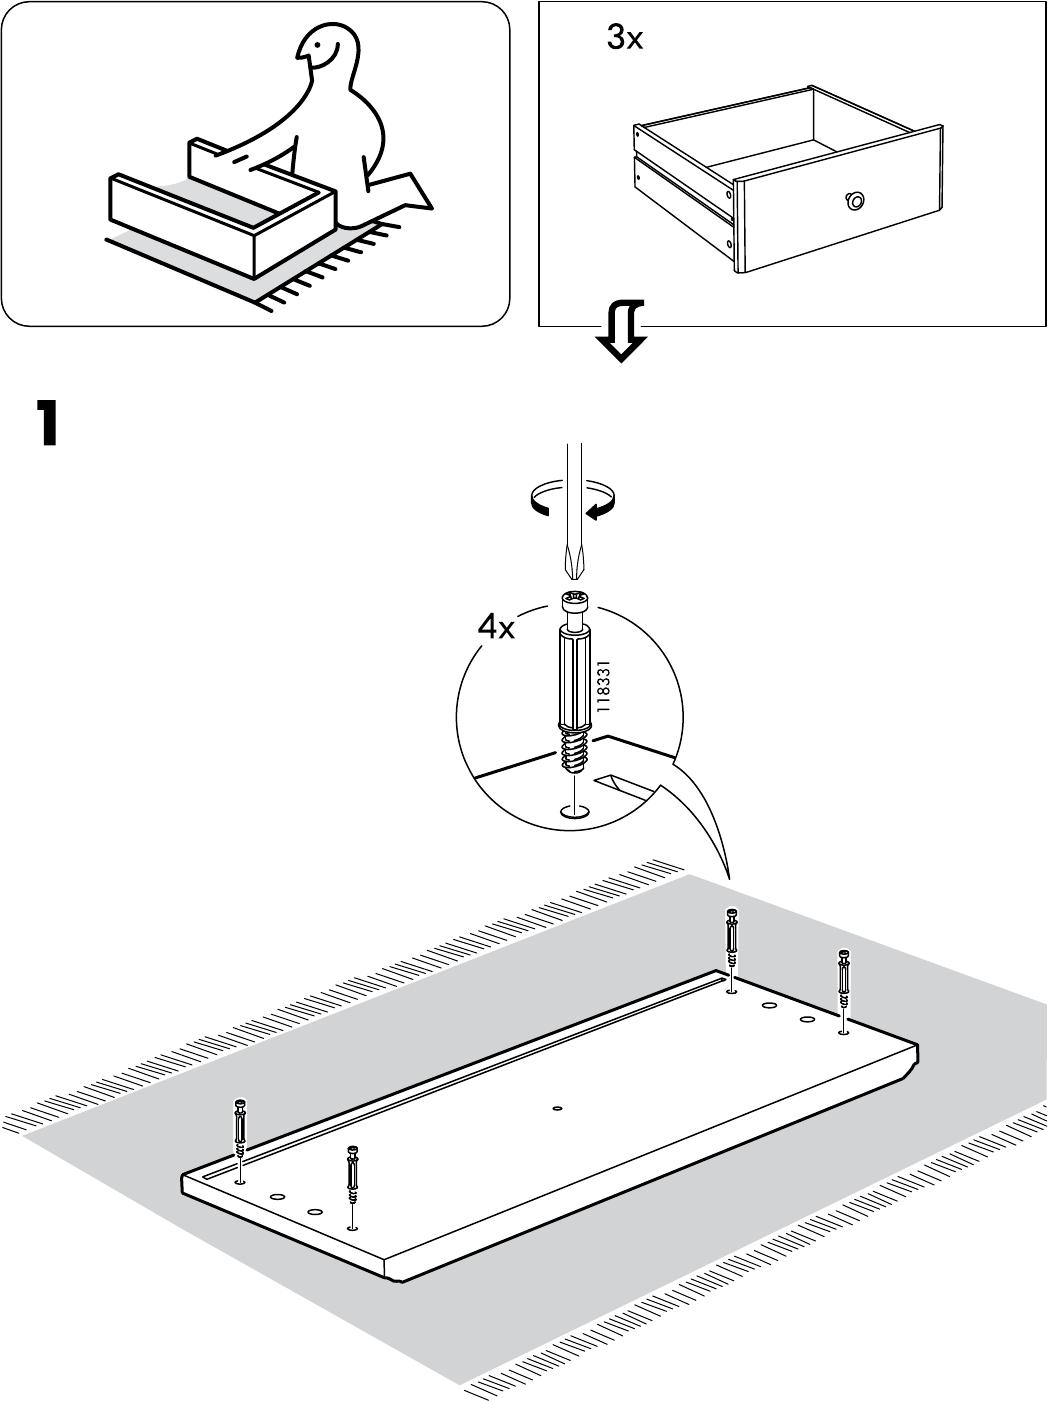 Liatorp Tv Kast.Handleiding Ikea Liatorp Tv Meubel Pagina 4 Van 28 Alle Talen